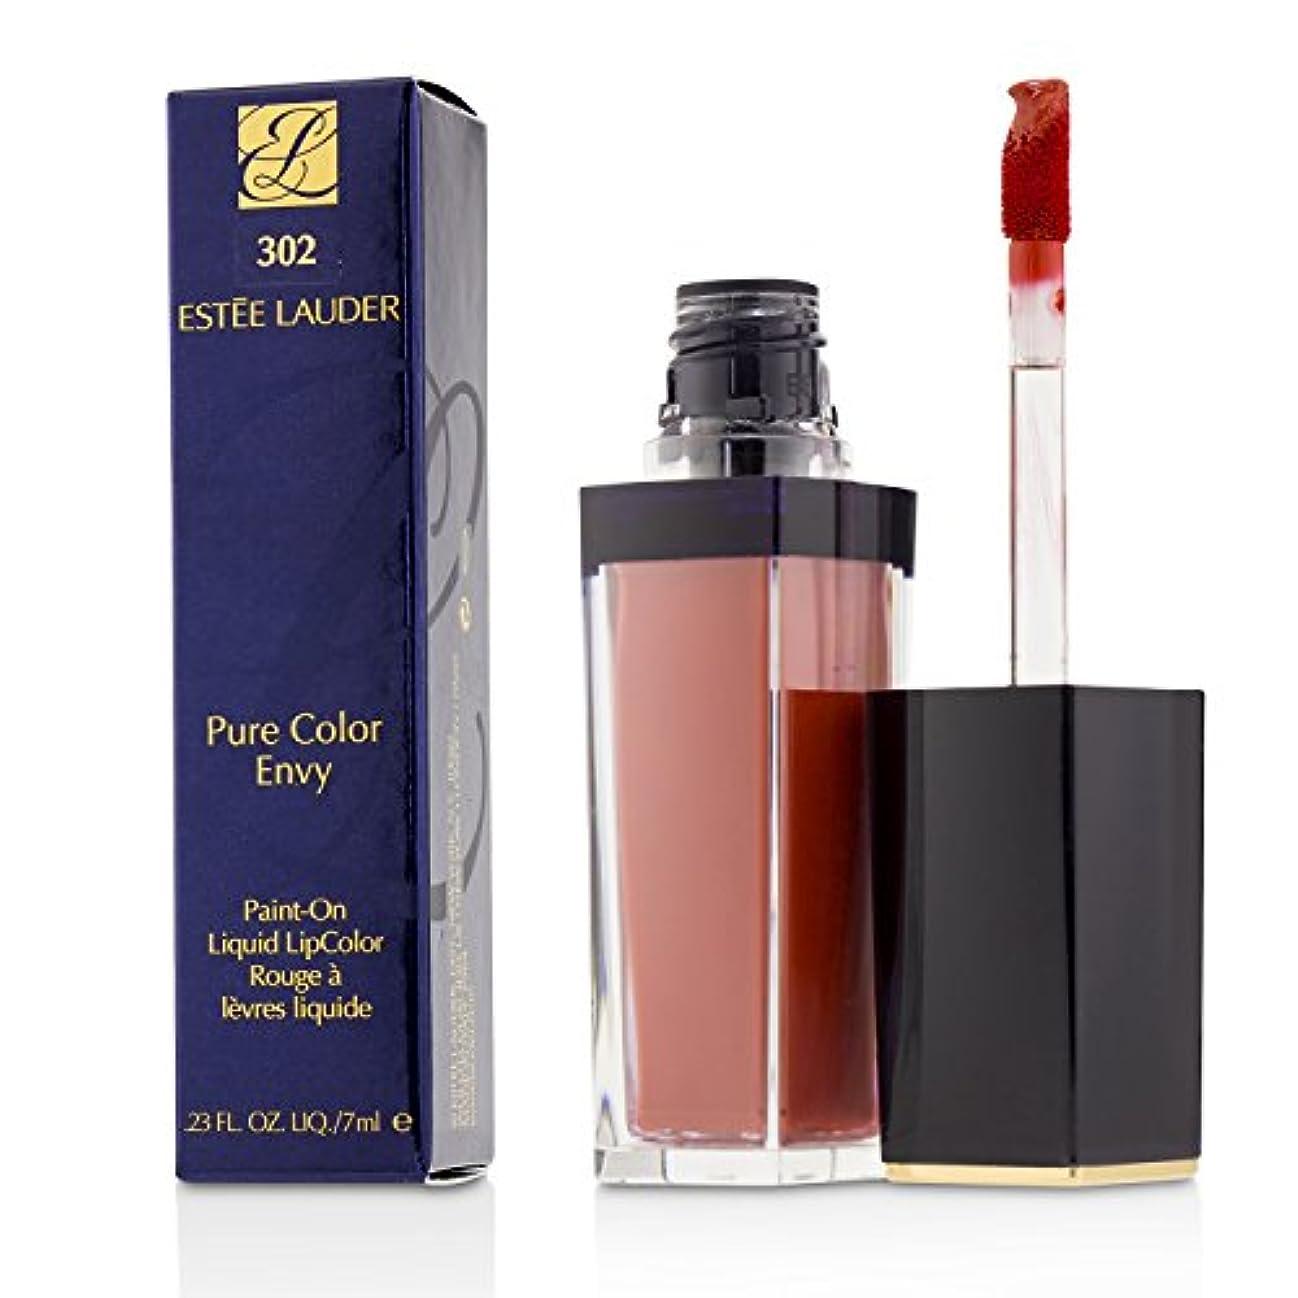 家事乱れパースエスティ ローダー Pure Color Envy Paint On Liquid LipColor - # 302 Juiced Up (Matte) 7ml/0.23oz並行輸入品 [並行輸入品]